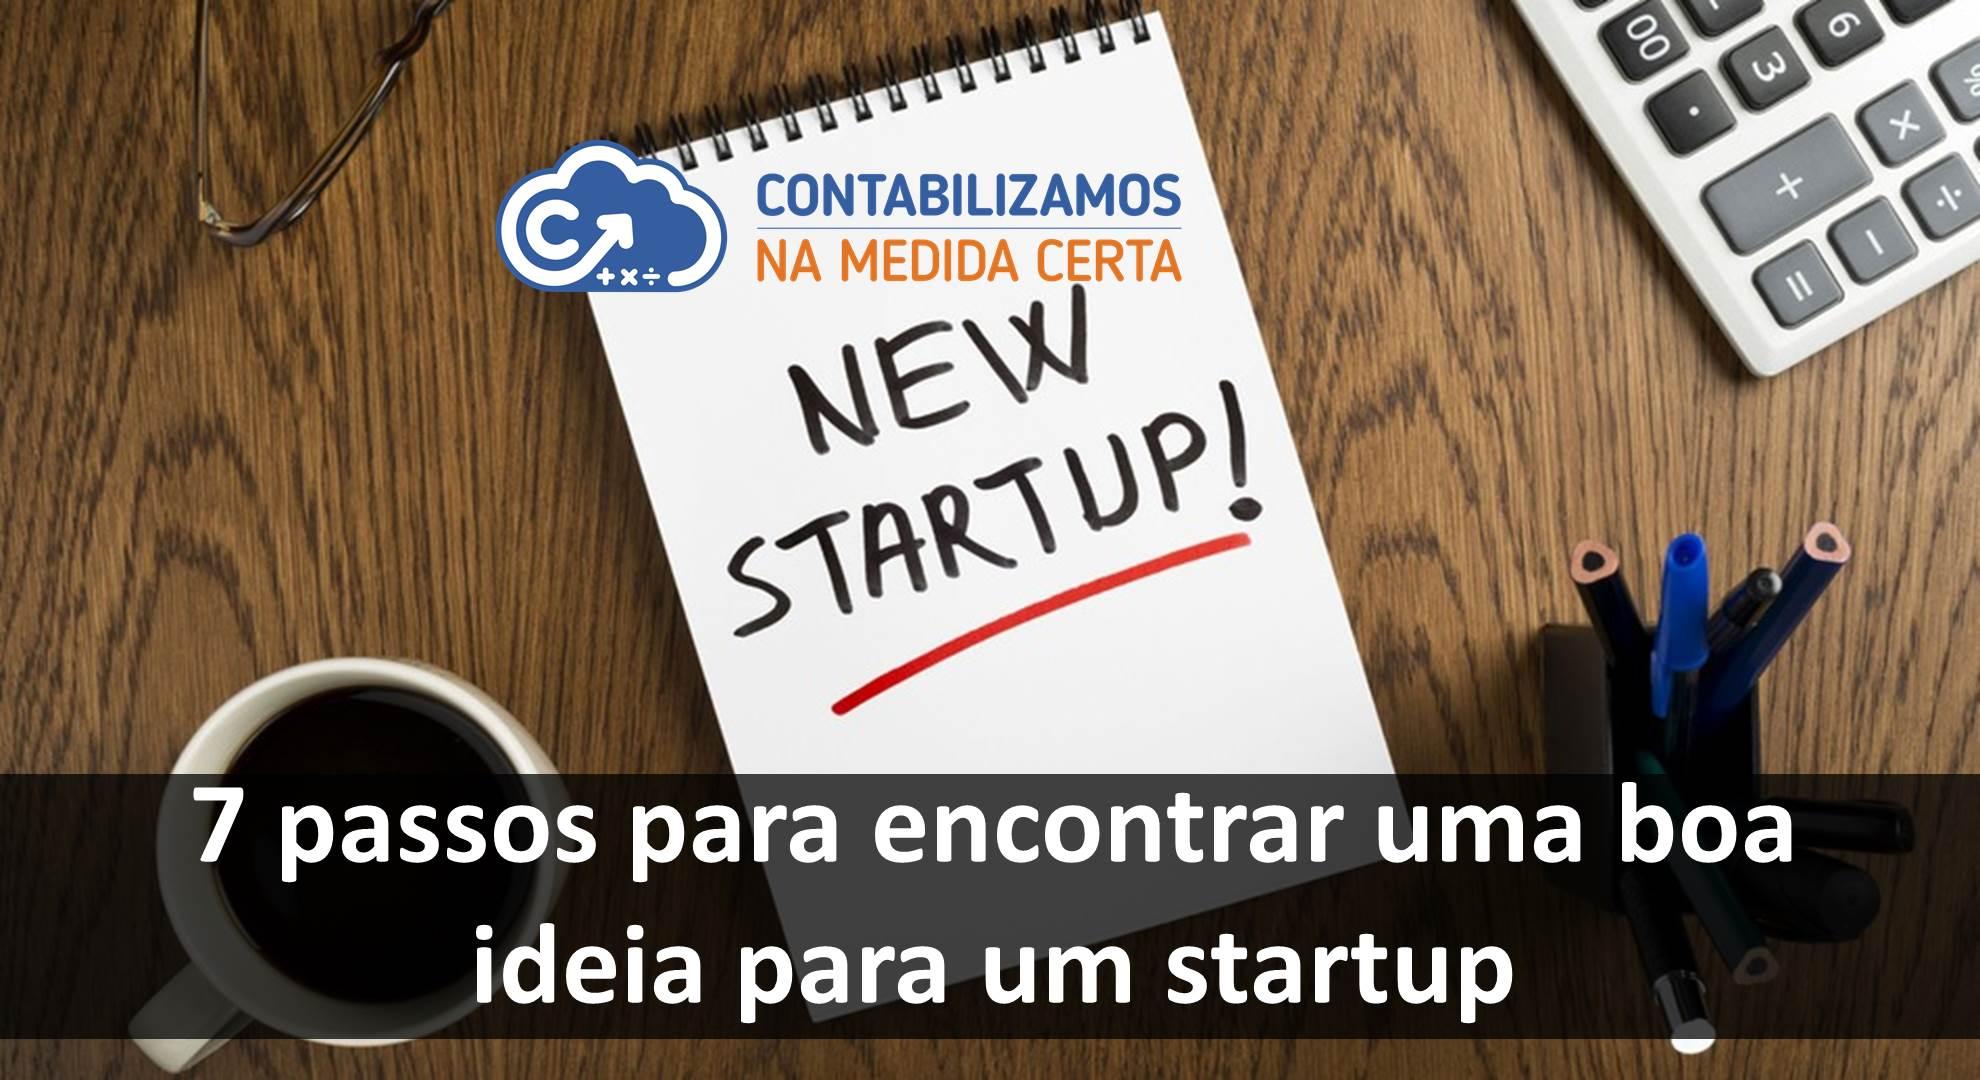 7 Passos Para Encontrar Uma Boa Ideia Para Um Startup